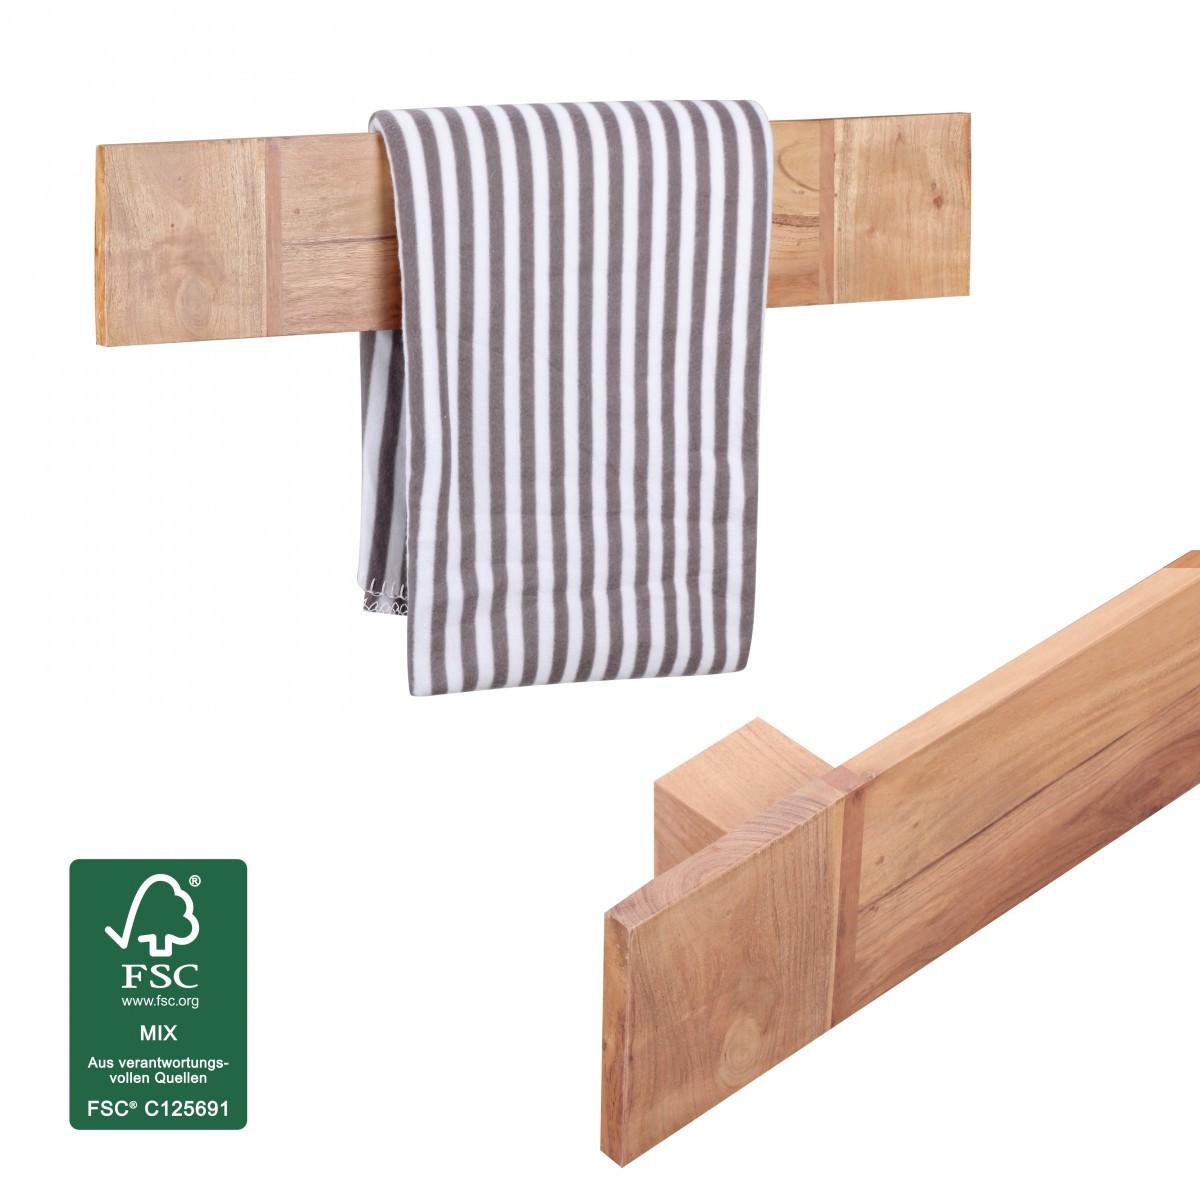 finebuy handtuchhalter massivholz akazie 80 cm wandregal landhaus, Badezimmer ideen